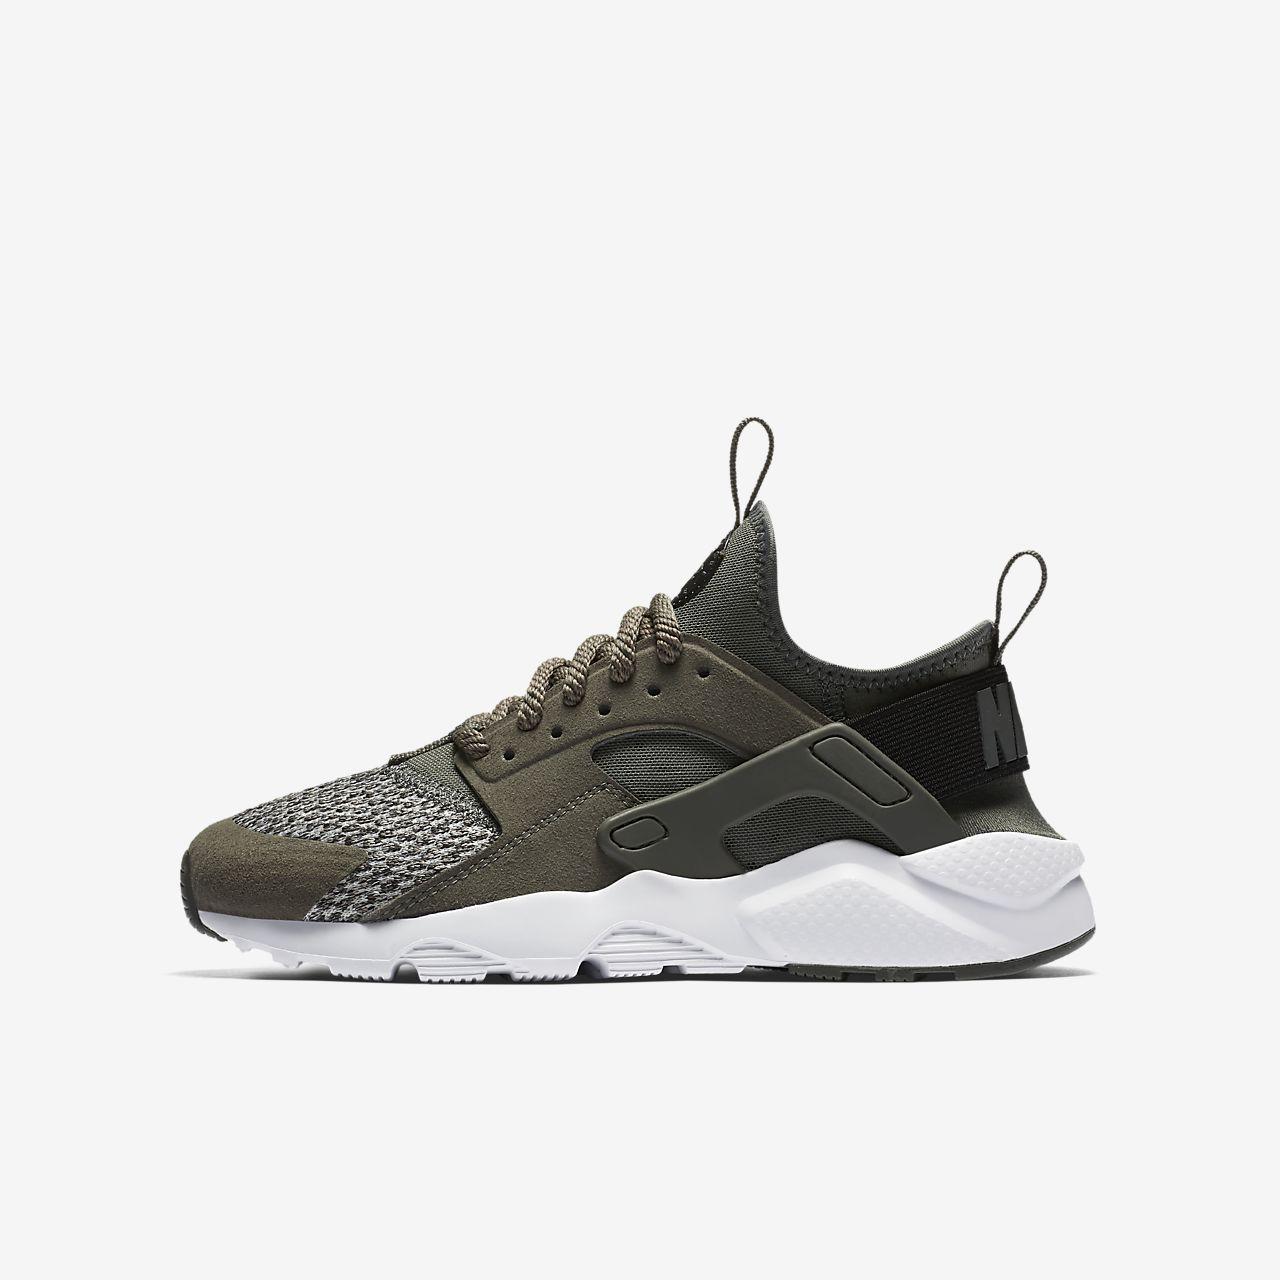 Huarache D'air De Fonctionner Chaussures Nike Ultra Noir mZqN25